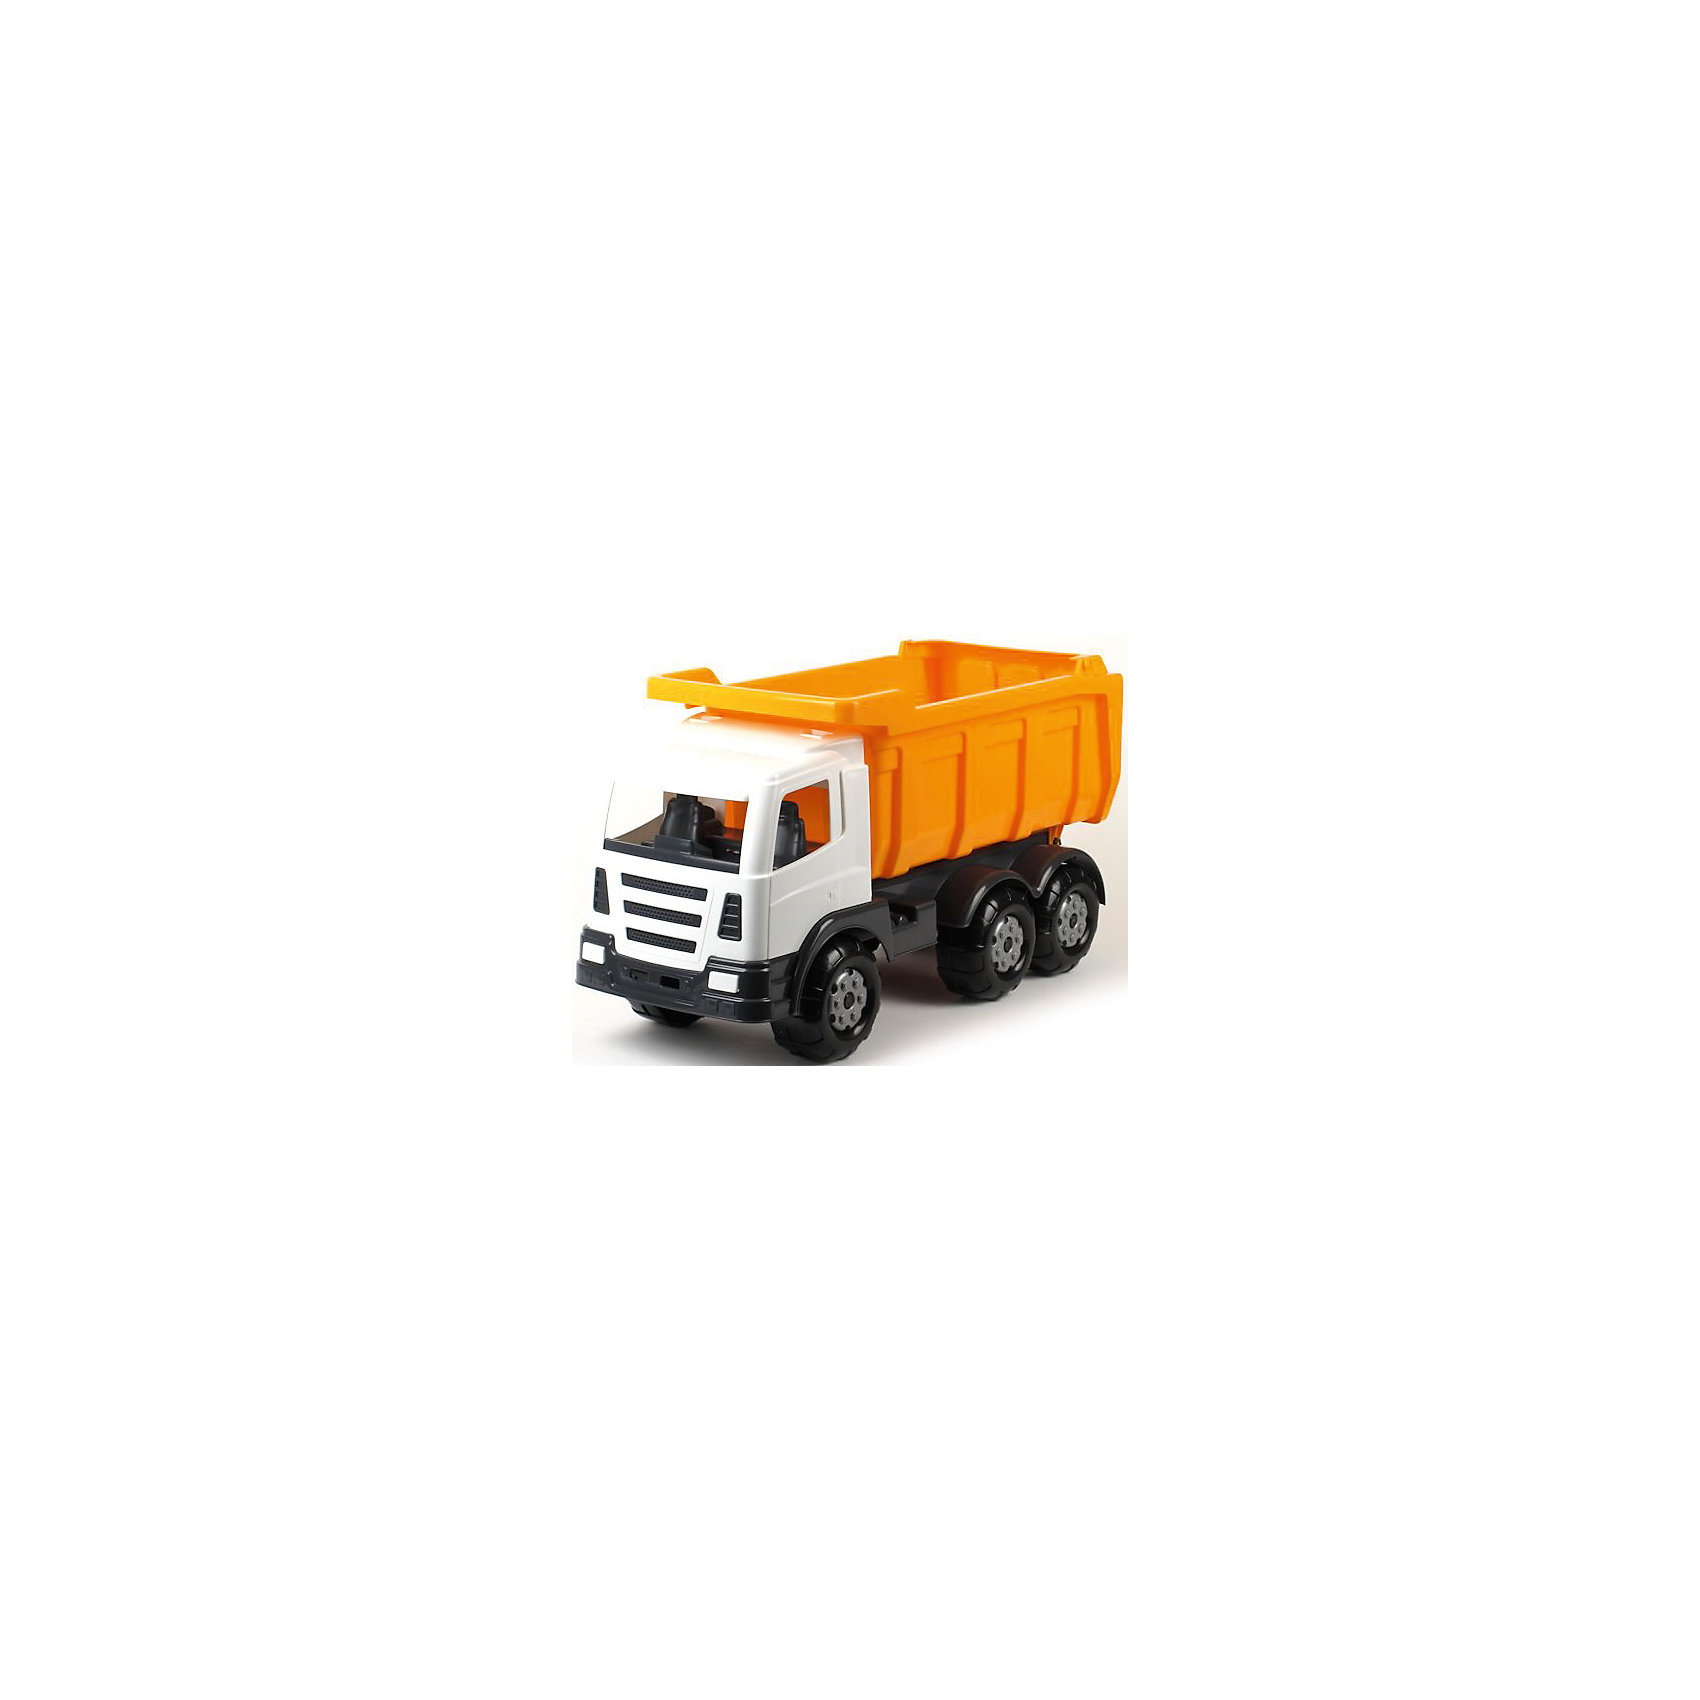 Автомобиль Дорожный  Премиум, ПолесьеАвтомобиль Дорожный Премиум, Полесье.<br><br>Характеристики:<br><br>- Размер игрушки: 67x26,5x36,5 см.<br>- Материал: пластик<br>- Максимальная нагрузка: 50 кг.<br>- Упаковка: пакет<br>- Вес: 3,2 кг.<br><br><br>Автомобиль Дорожный Премиум,  от фирмы Полесье – это огромный самосвал, внешний вид которого максимально приближен к реальному транспортному средству. В нем можно перевозить песок, камни, машинки и другие предметы. Машина выдерживает нагрузку до 50 кг. Автомобиль имеет вместительный кузов оранжевого цвета с откидным бортом. Кузов легко поднимается и опускается. В белой водительской кабине предусмотрено два места: для водителя и пассажира, есть руль и приборная панель. Впереди имеются бампер и радиаторная решетка. Колесная база представлена тремя парами пластиковых рельефных колес, которые обеспечивают машине отличную проходимость. Игрушка изготовлена из безопасного пластика, отличается высокой прочностью и отличным качеством сборки.<br><br>Автомобиль Дорожный Премиум, Полесье можно купить в нашем интернет-магазине.<br><br>Ширина мм: 670<br>Глубина мм: 265<br>Высота мм: 365<br>Вес г: 3150<br>Возраст от месяцев: 36<br>Возраст до месяцев: 96<br>Пол: Мужской<br>Возраст: Детский<br>SKU: 4763438